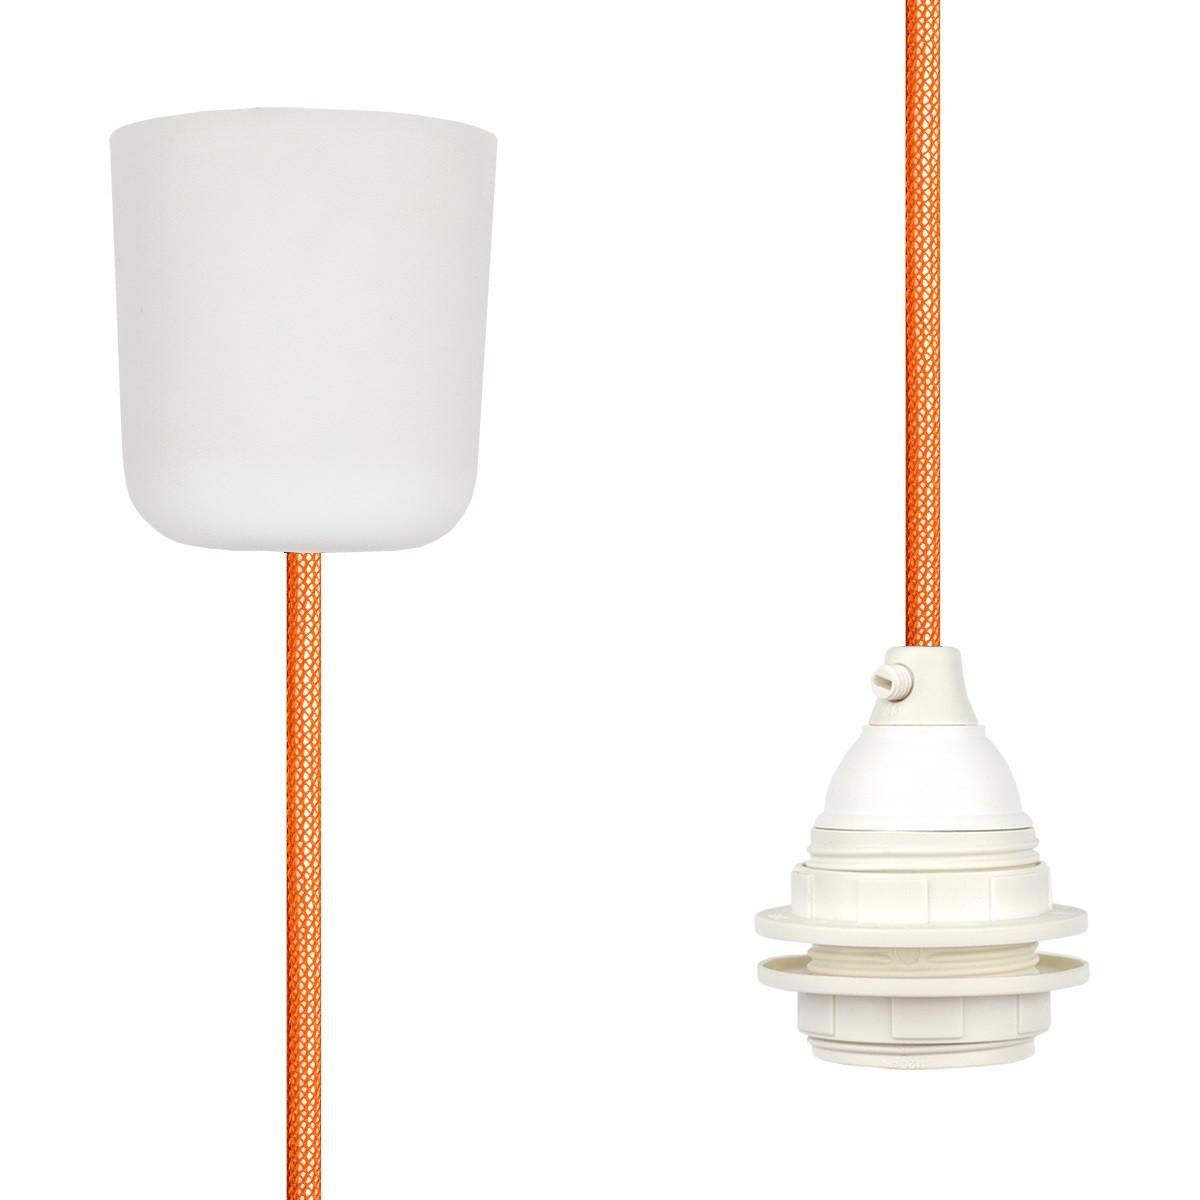 Textilkabel-Hängeleuchte Kunststoff orange netzartig